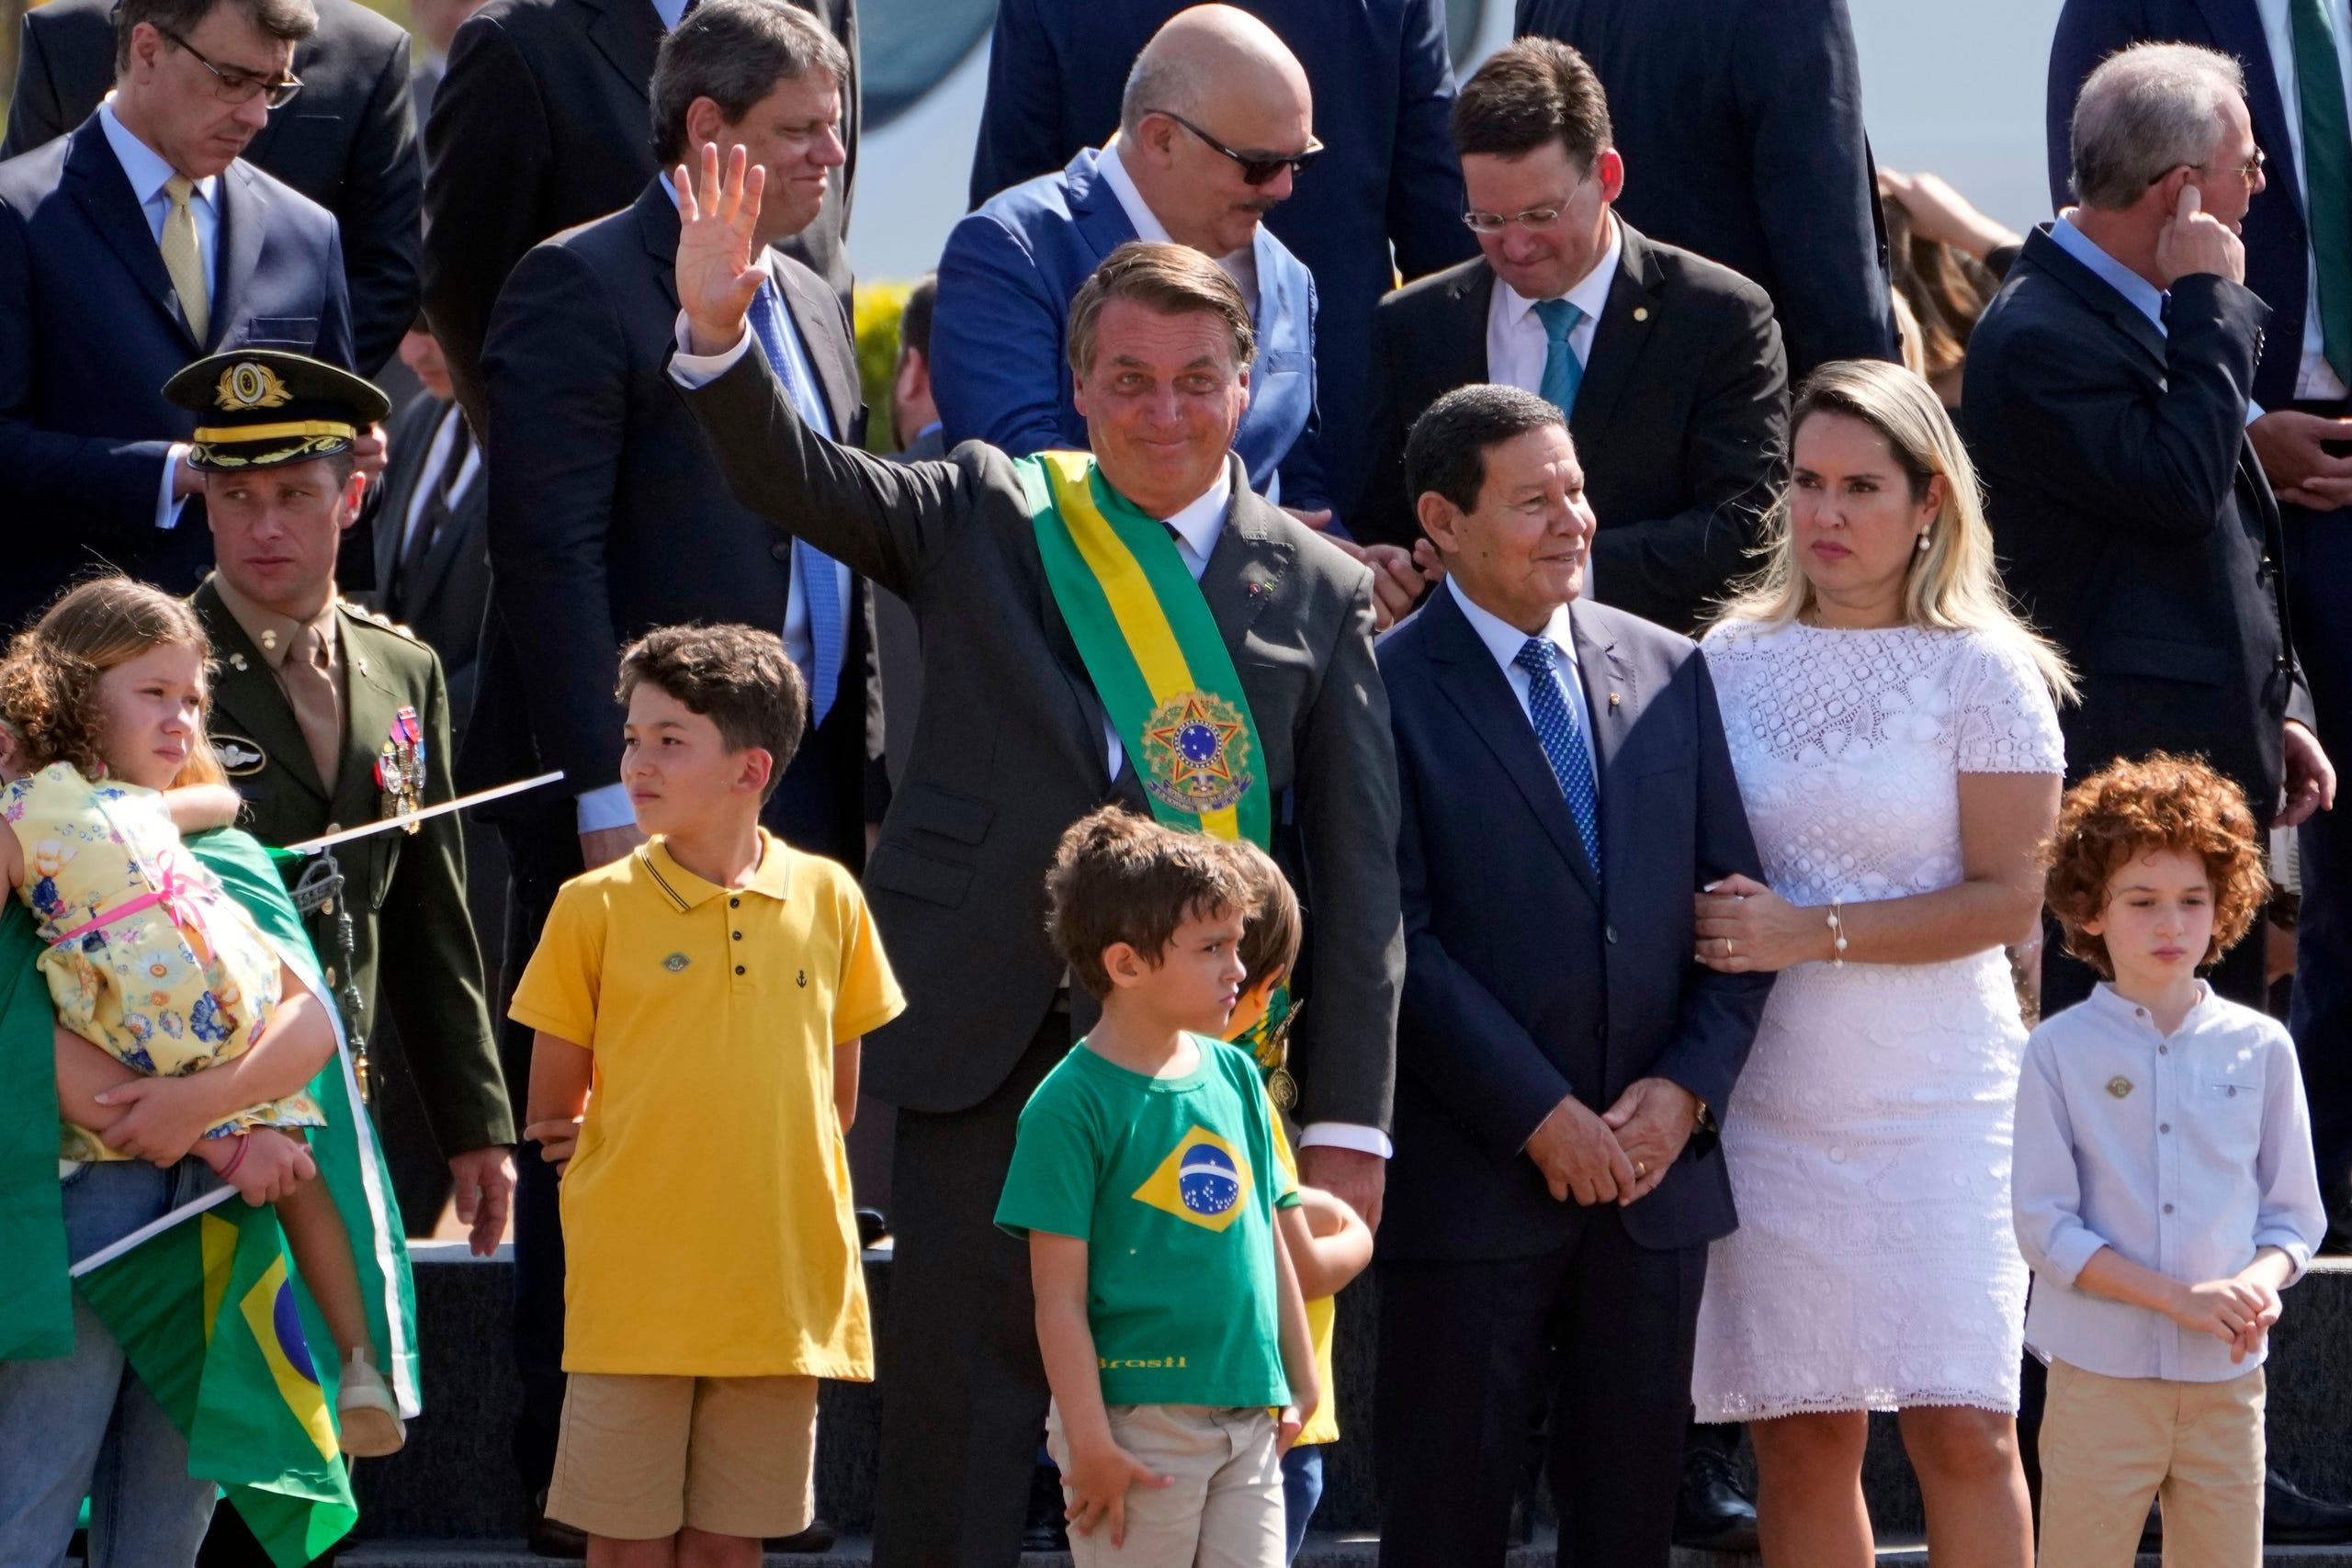 Der brasilianische Präsident Jair Bolsonaro winkt den Unterstützern zu Beginn einer Zeremonie zum Hissen der Flagge am Unabhängigkeitstag in der Präsidentenresidenz des Alvorada-Palastes in Brasilia, Brasilien, am 7. September 2021 zu.